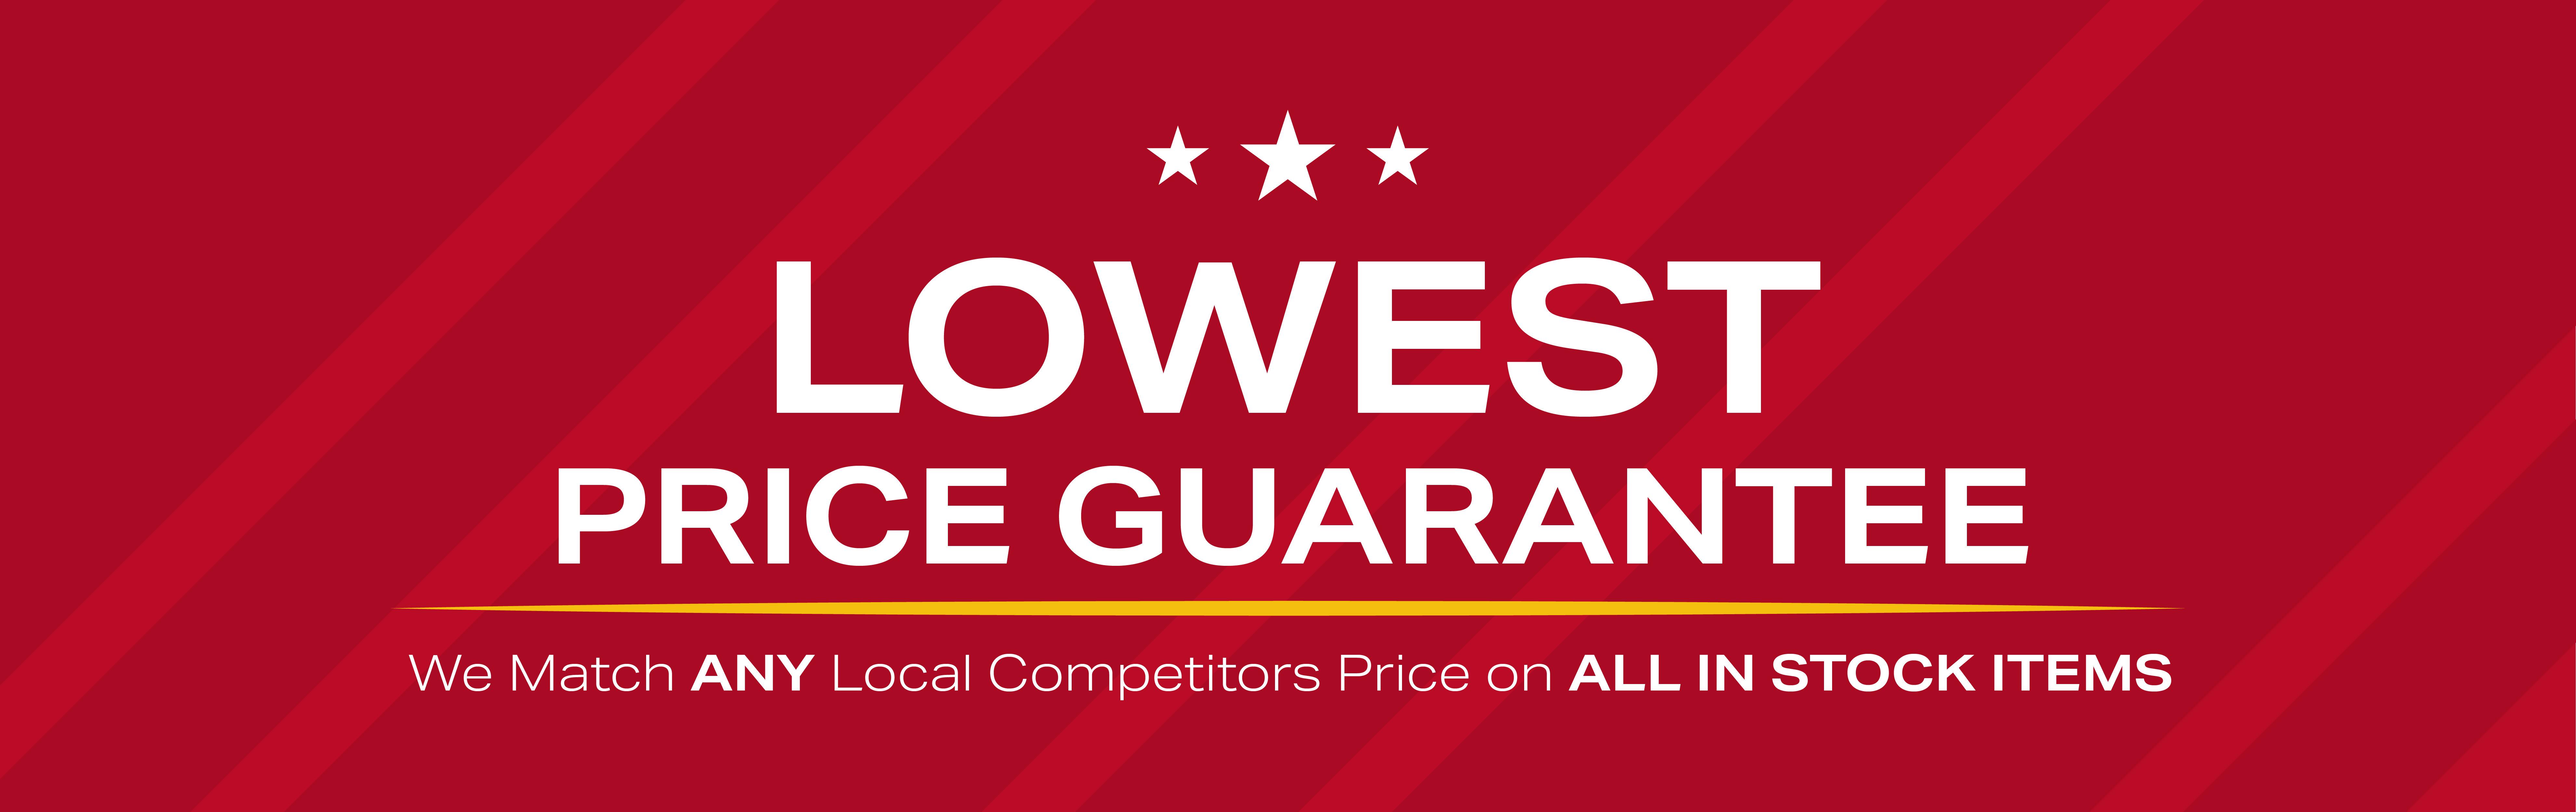 Lowest price gurantee